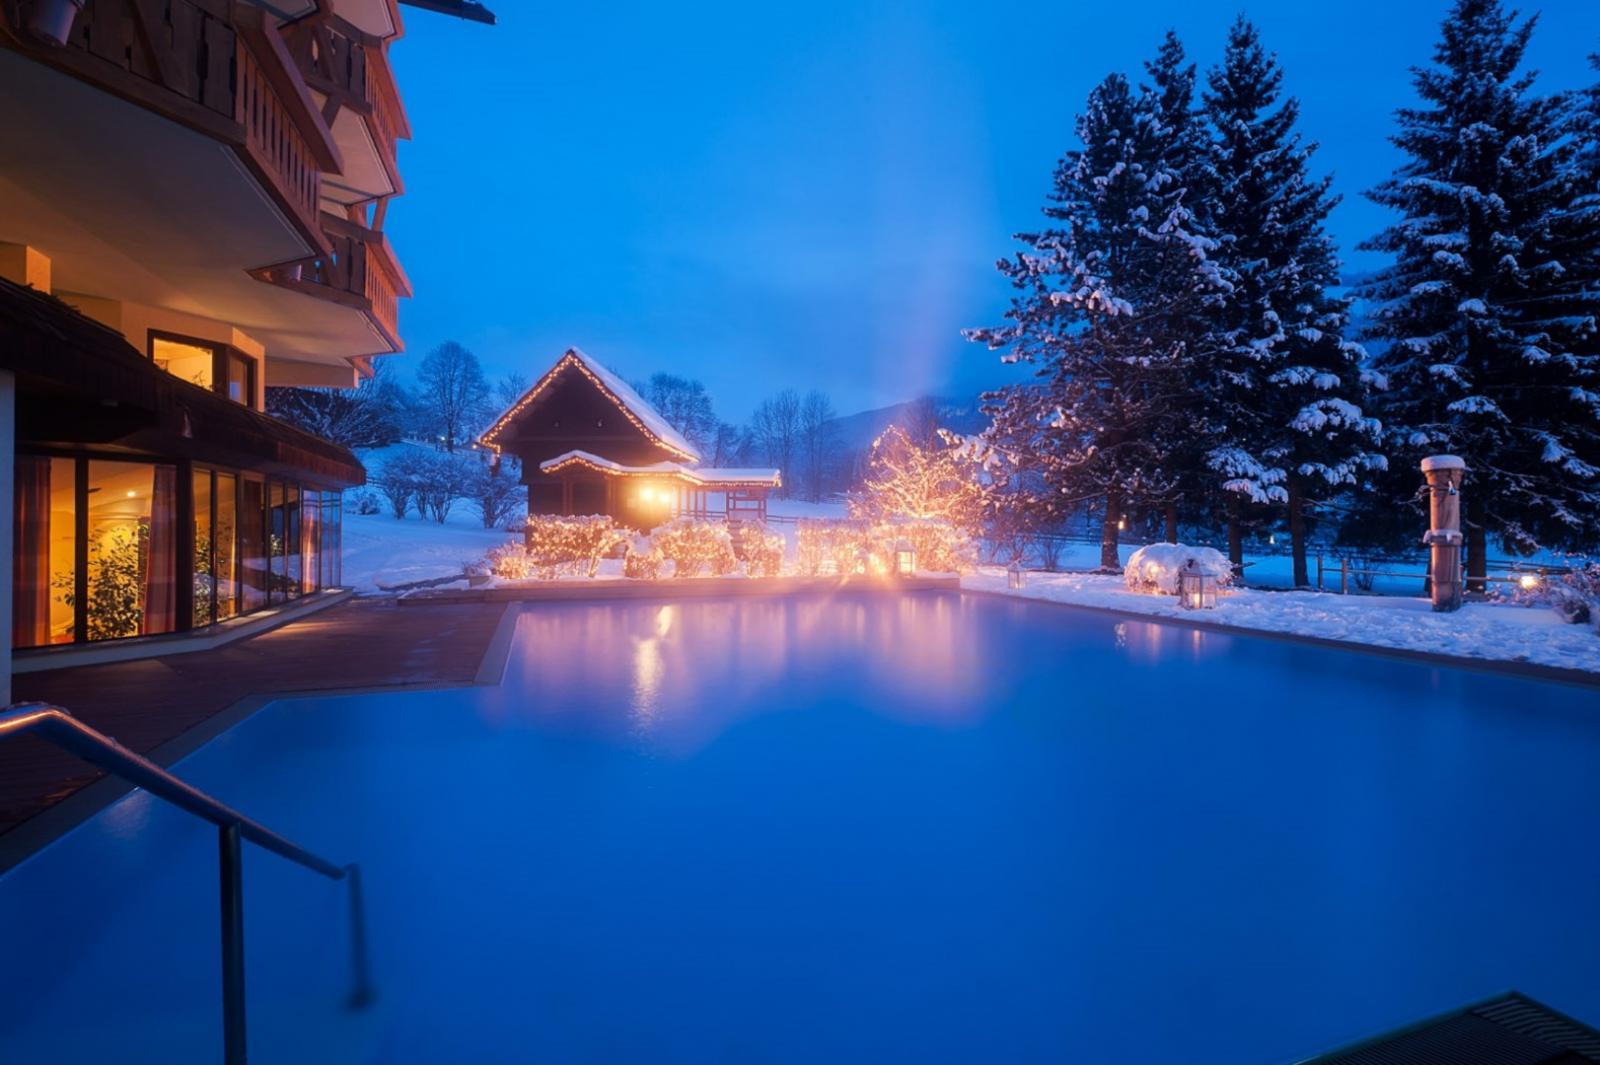 Farb-Therapie: Foto vom Wellnesshotel Thermenwelt Hotel Pulverer | Wellness Kärnten